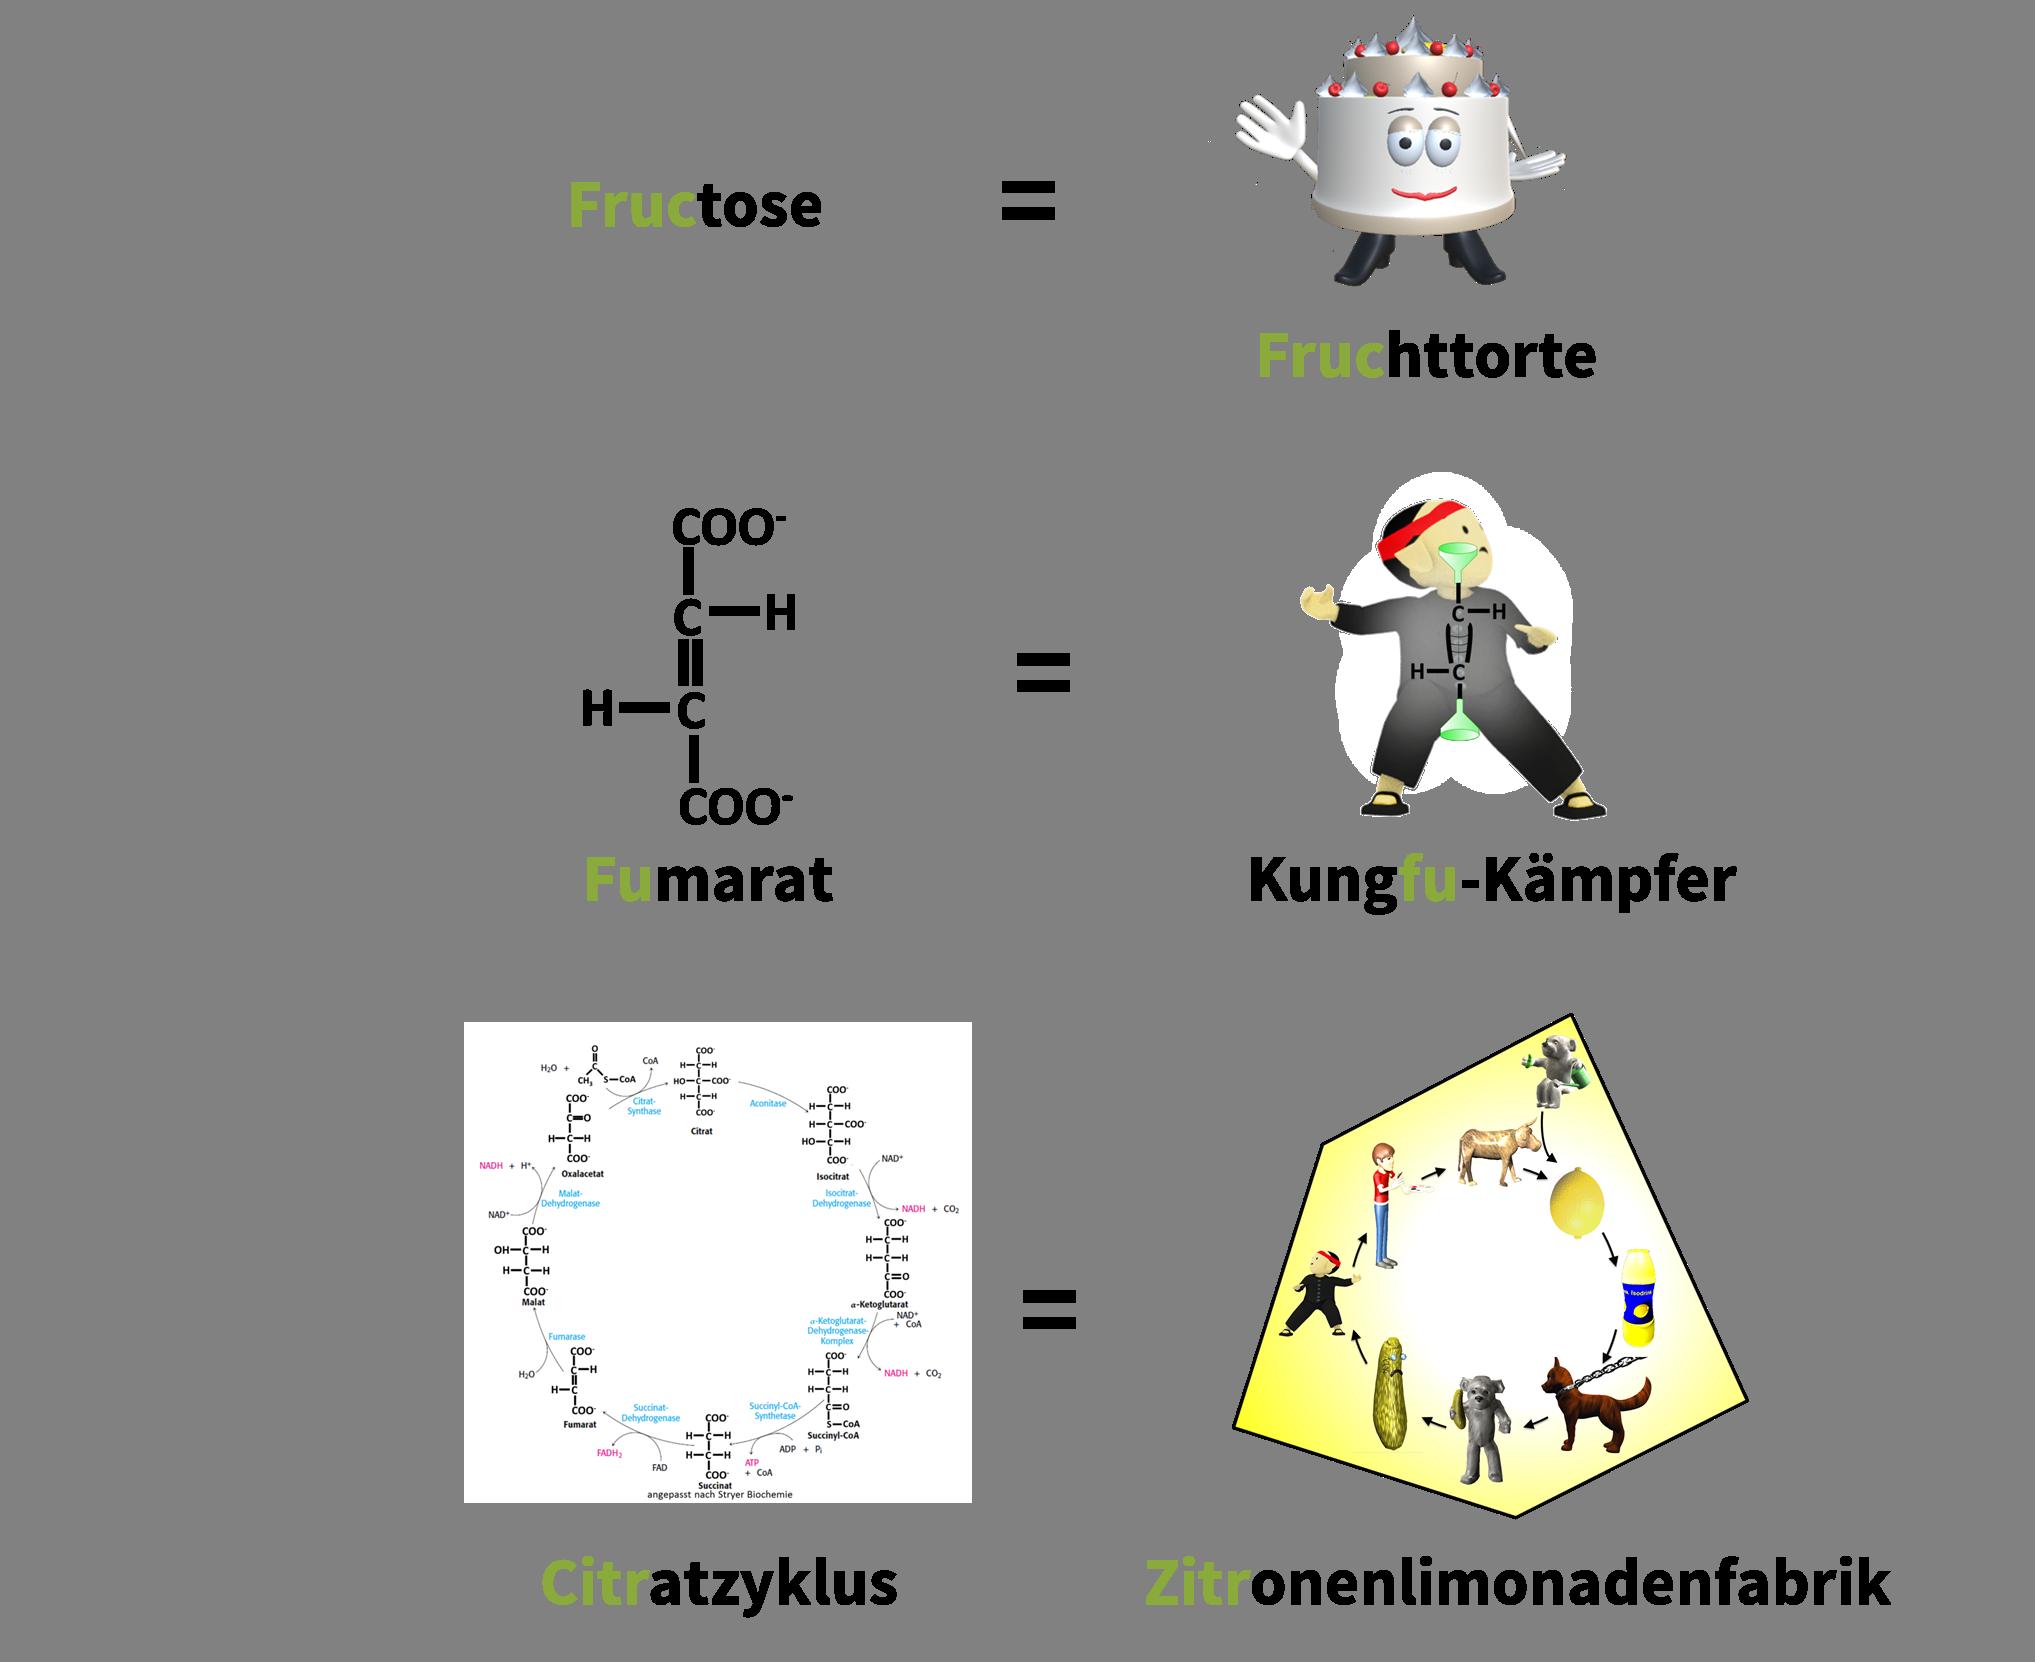 Übersichtsbild Beispiele Merkbilder Eselsbrücken HappyHippocampus